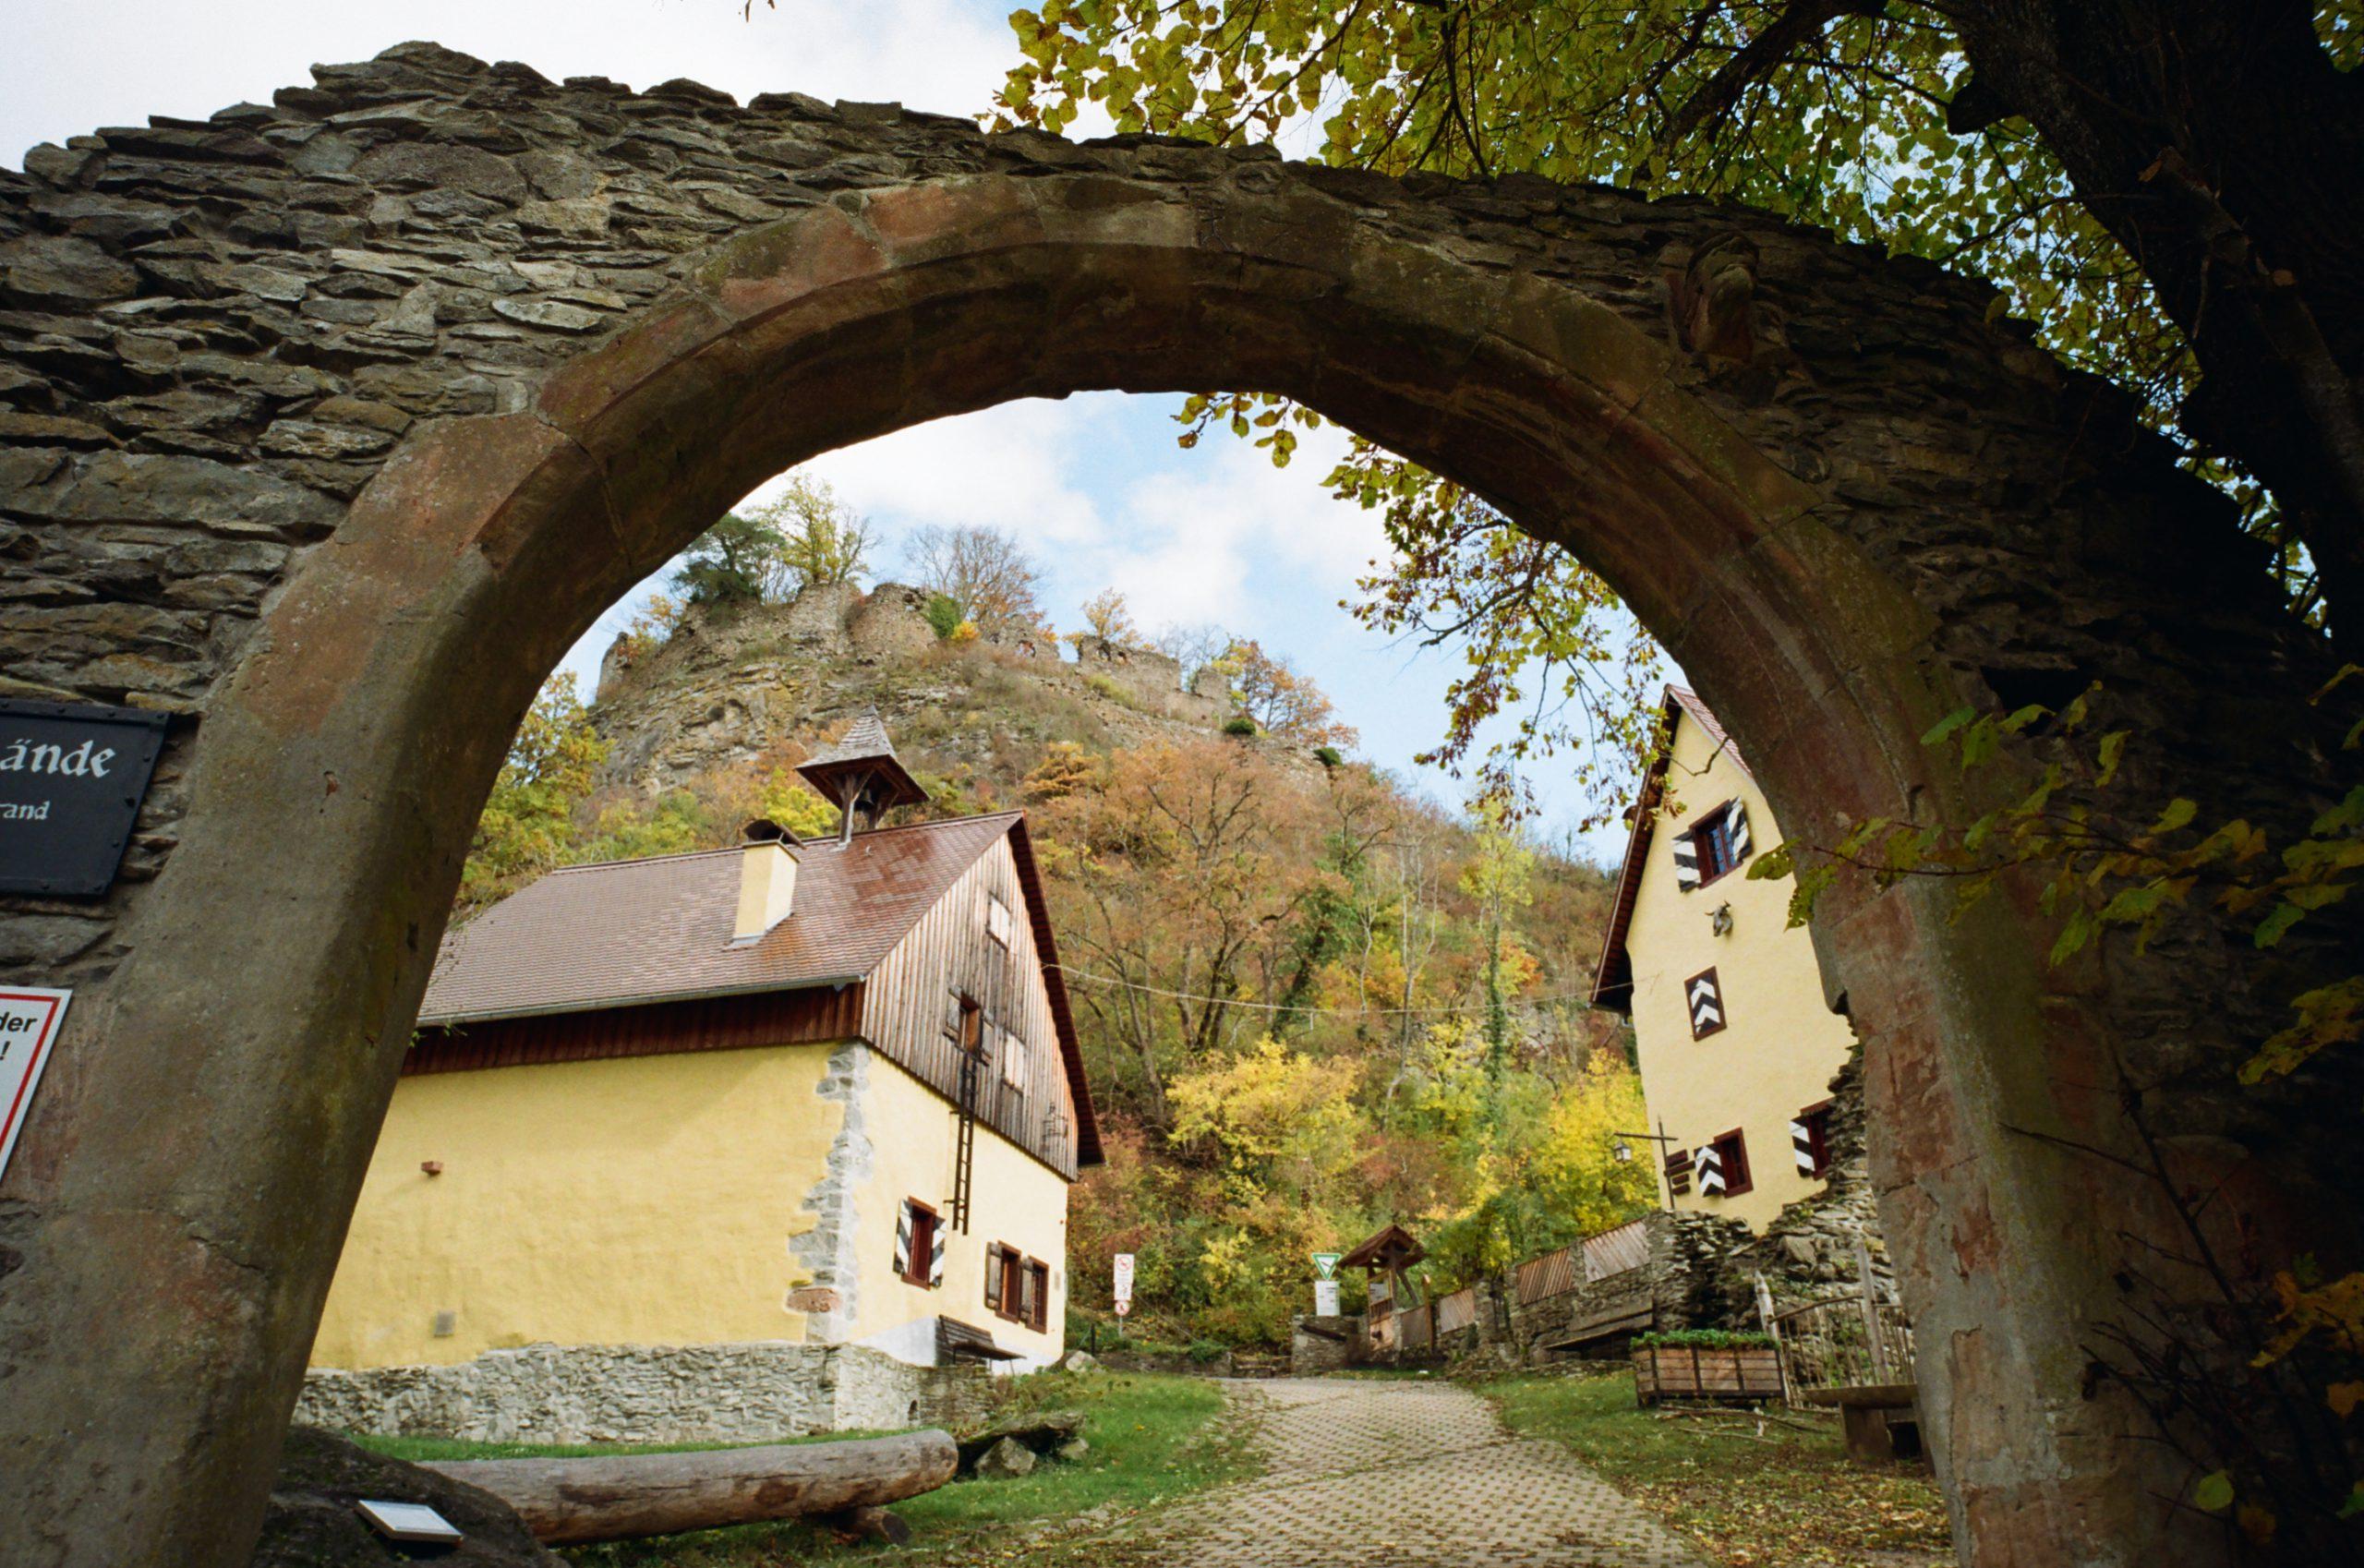 Wer durch dieses Tor schreitet, kann die Landschaft des Hegau, etwas nordwestlich des Bodensees, mit seinen Bergen und Ruinen besonders gut genießen. BessaR4M, Voigtländer Color-Skopar 21/4.0 Kodak ProImage100.